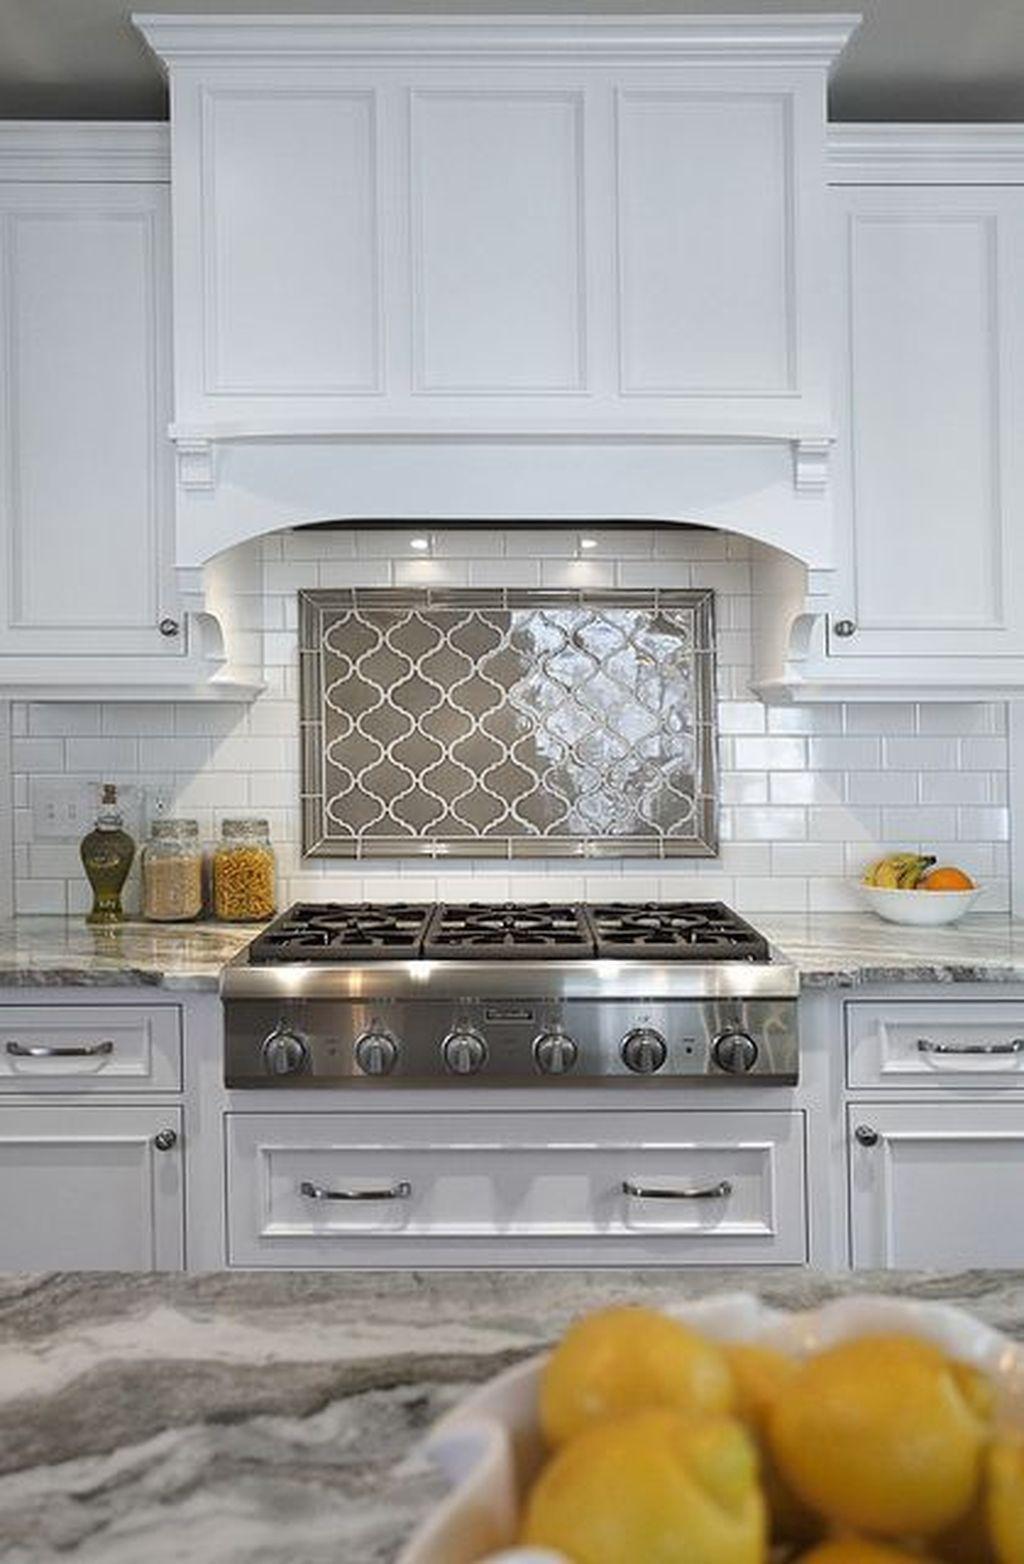 20 Amazing Kitchen Tile Backsplash Ideas Trendhmdcr Kitchen Backsplash Designs Home Kitchens Kitchen Design